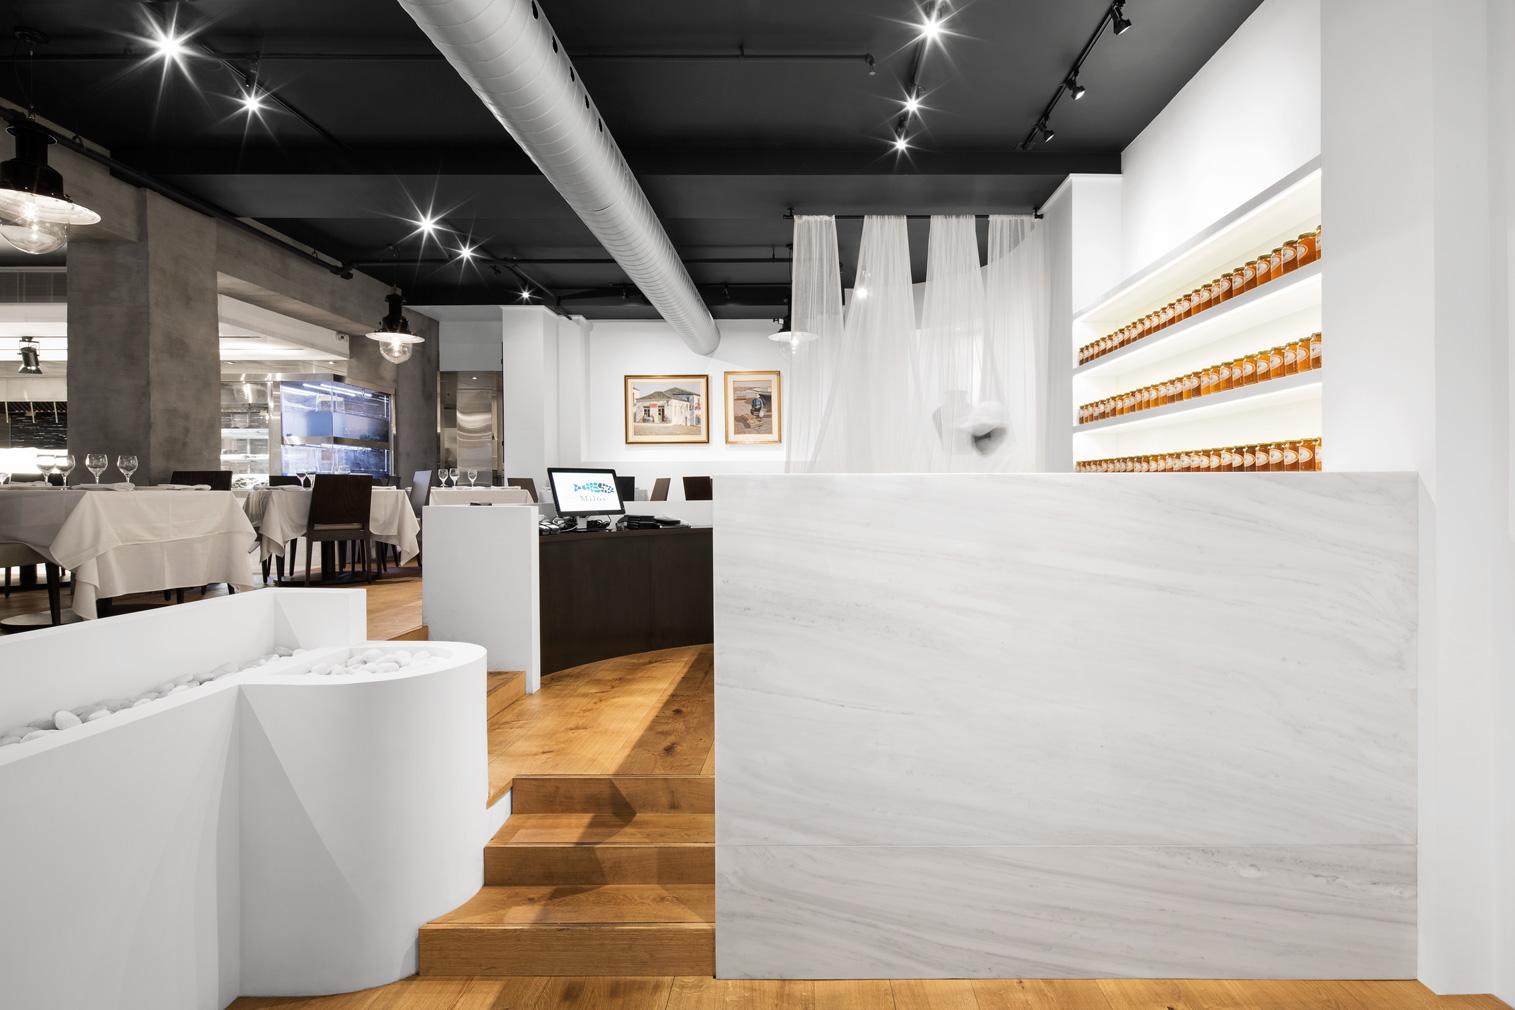 Milos restaurant in Montreal